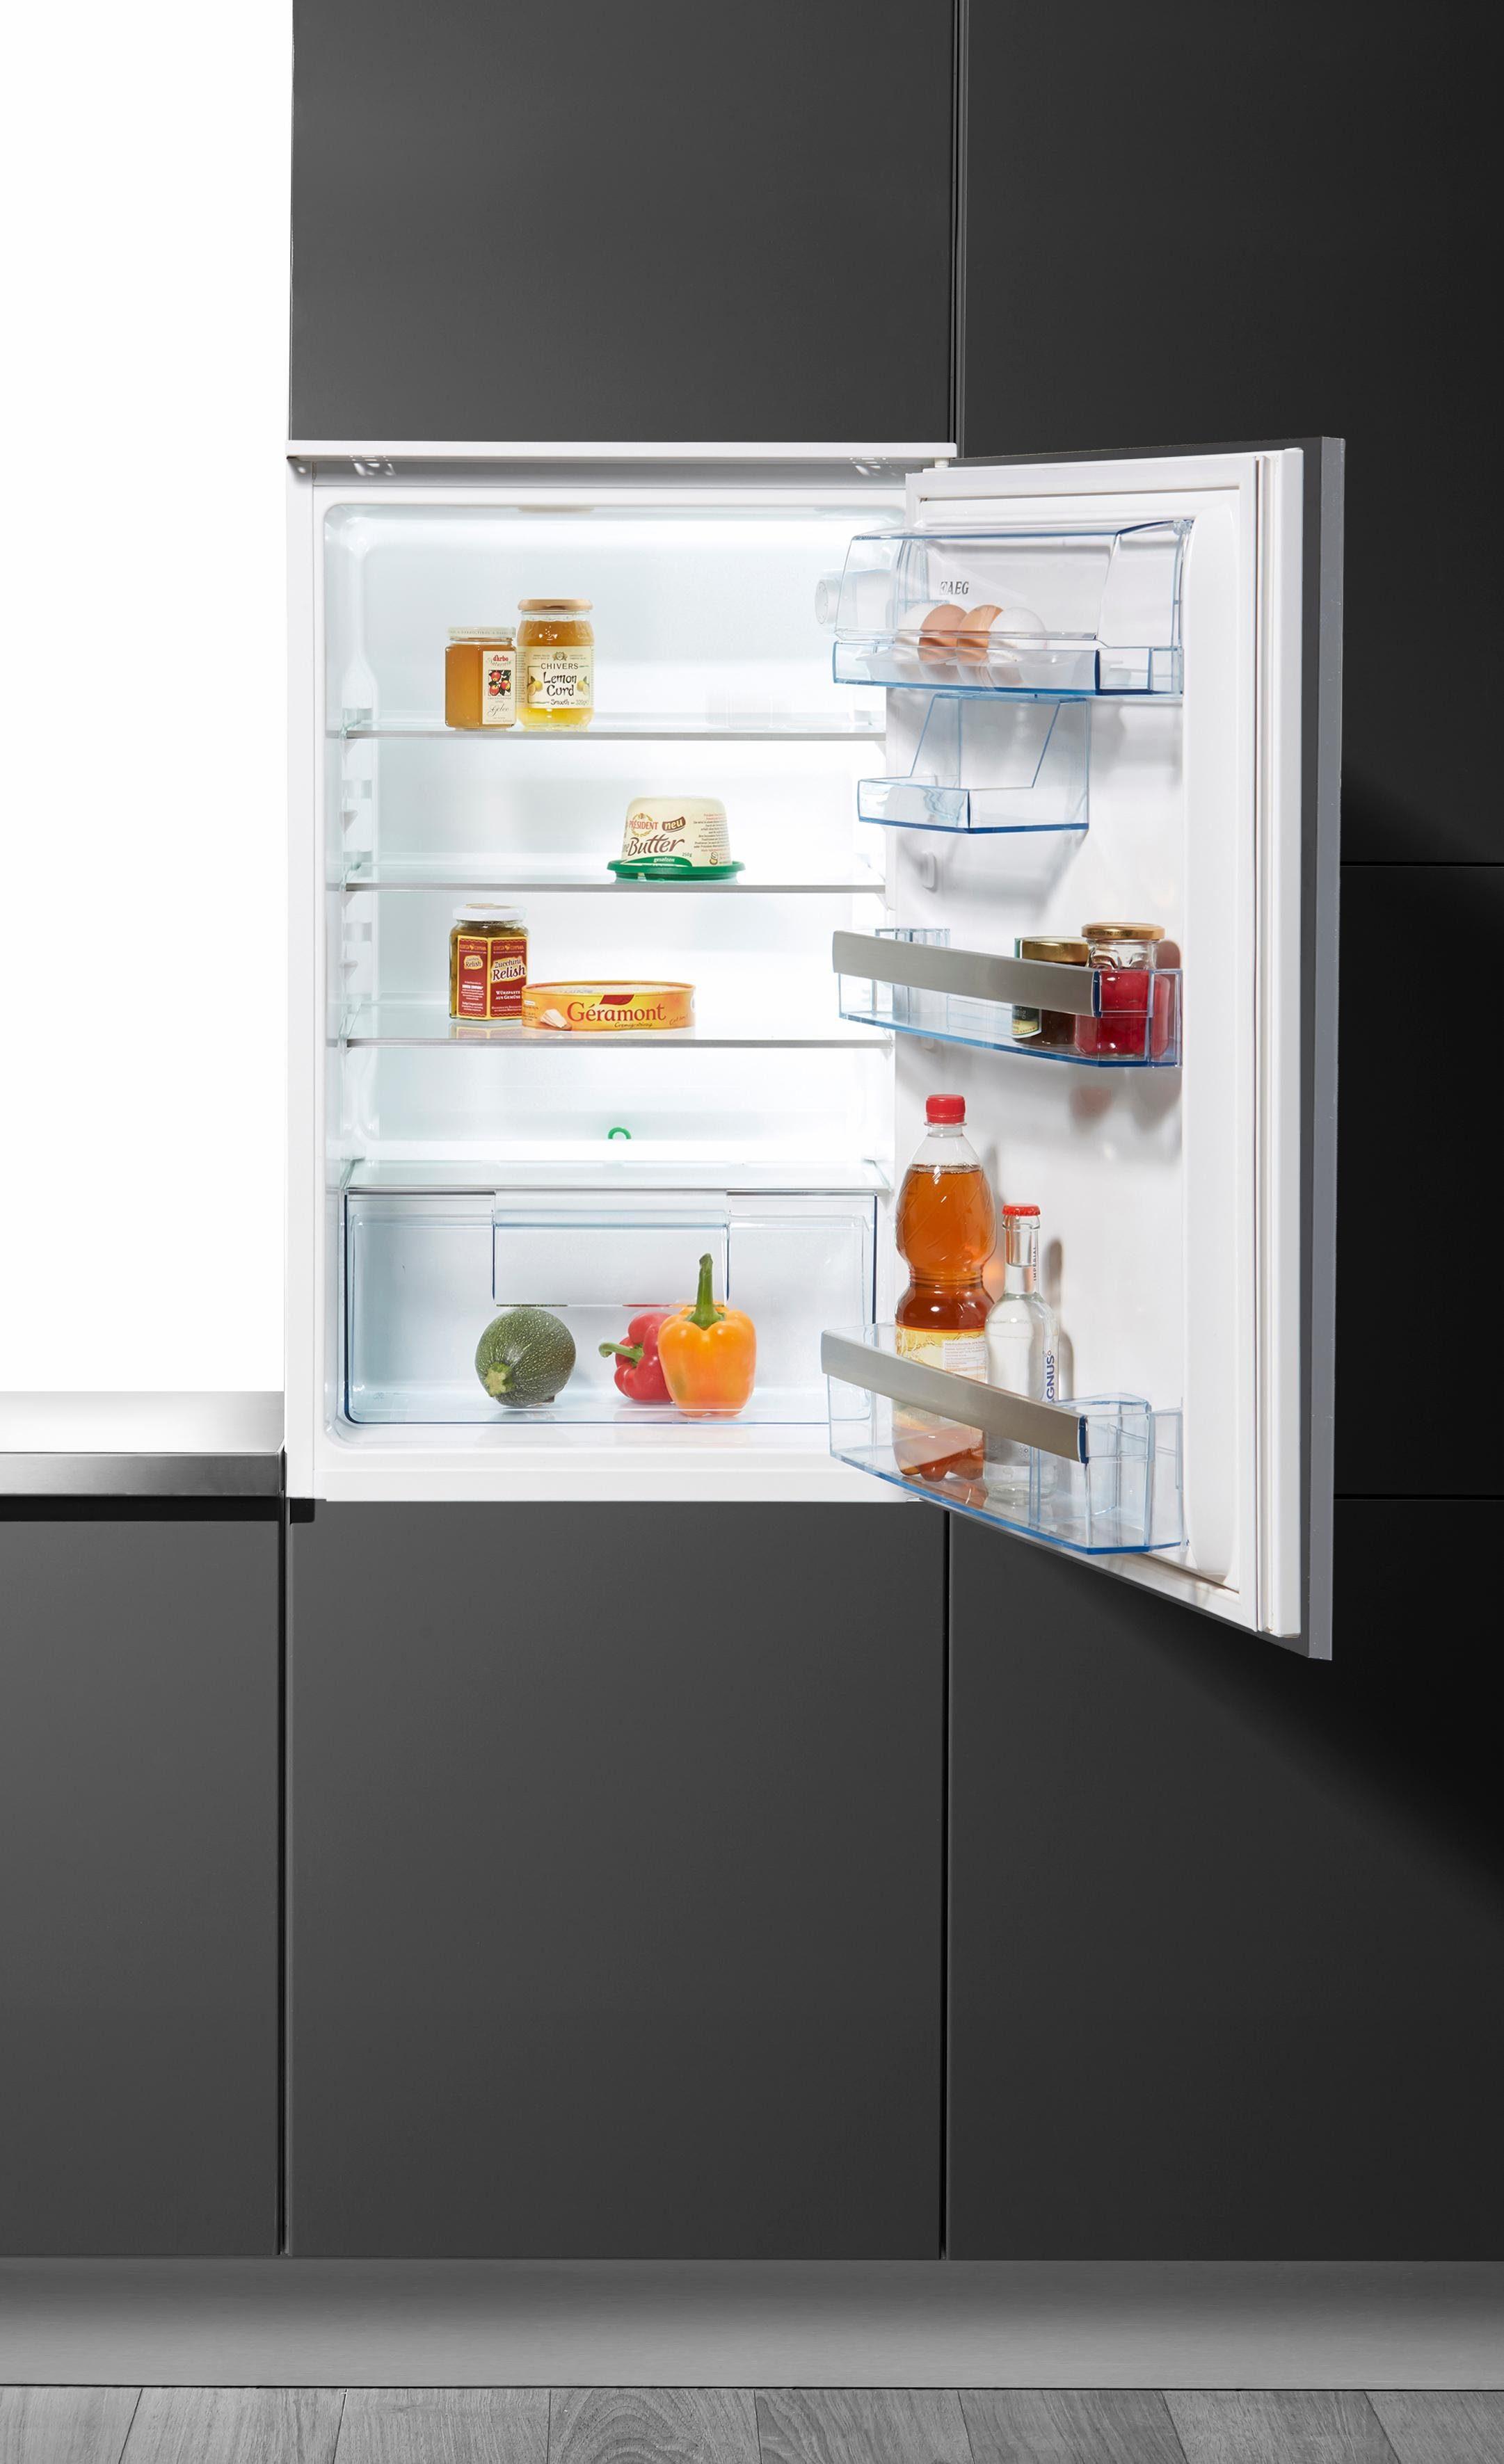 AEG integrierbarer Einbaukühlschrank Santo / SKA98800S3, Energieklasse A+++, 87,30 cm hoch